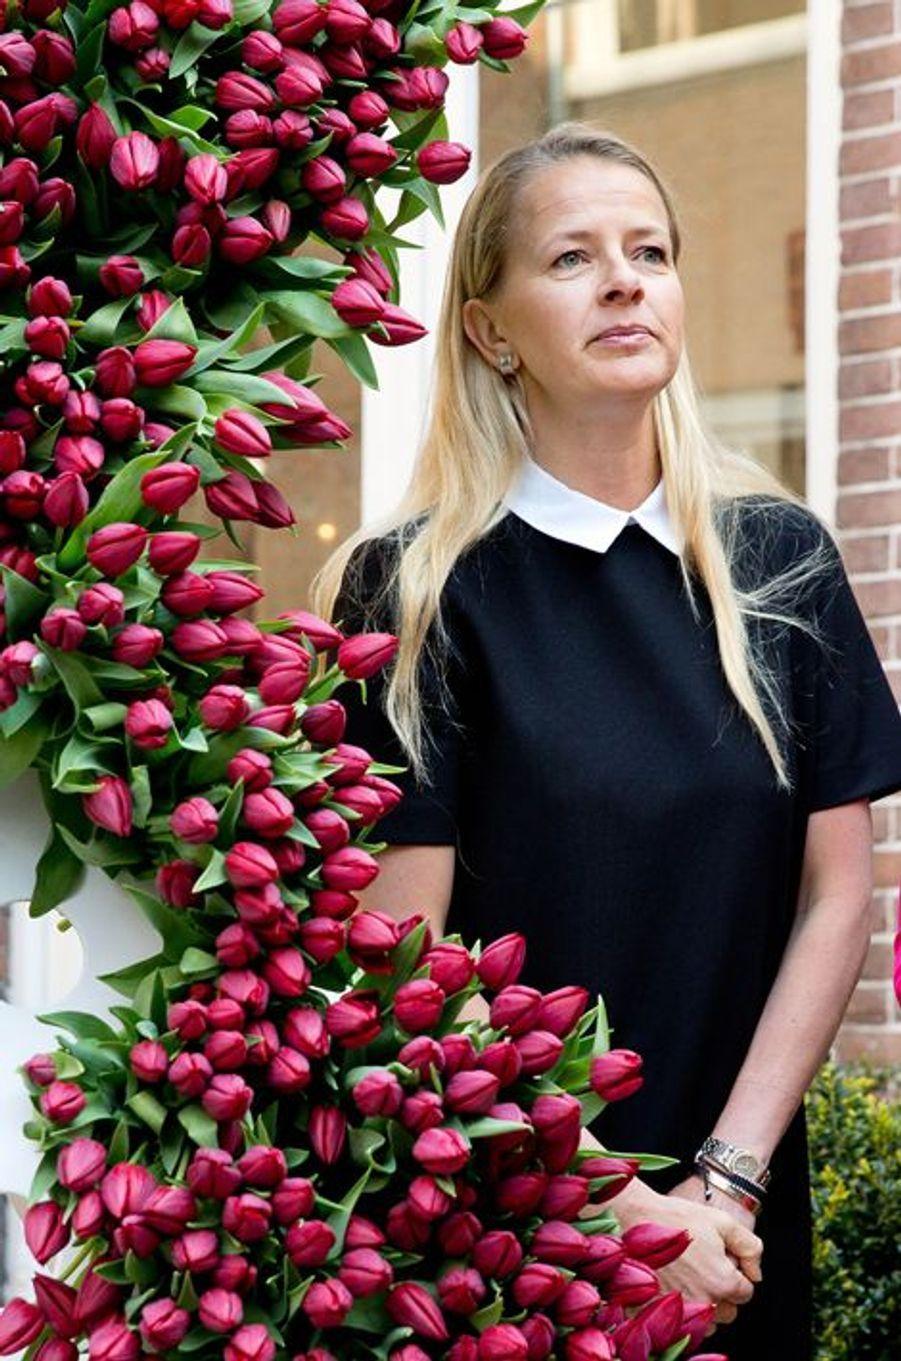 La princesse Mabel des Pays-Bas à La Haye, le 9 avril 2015